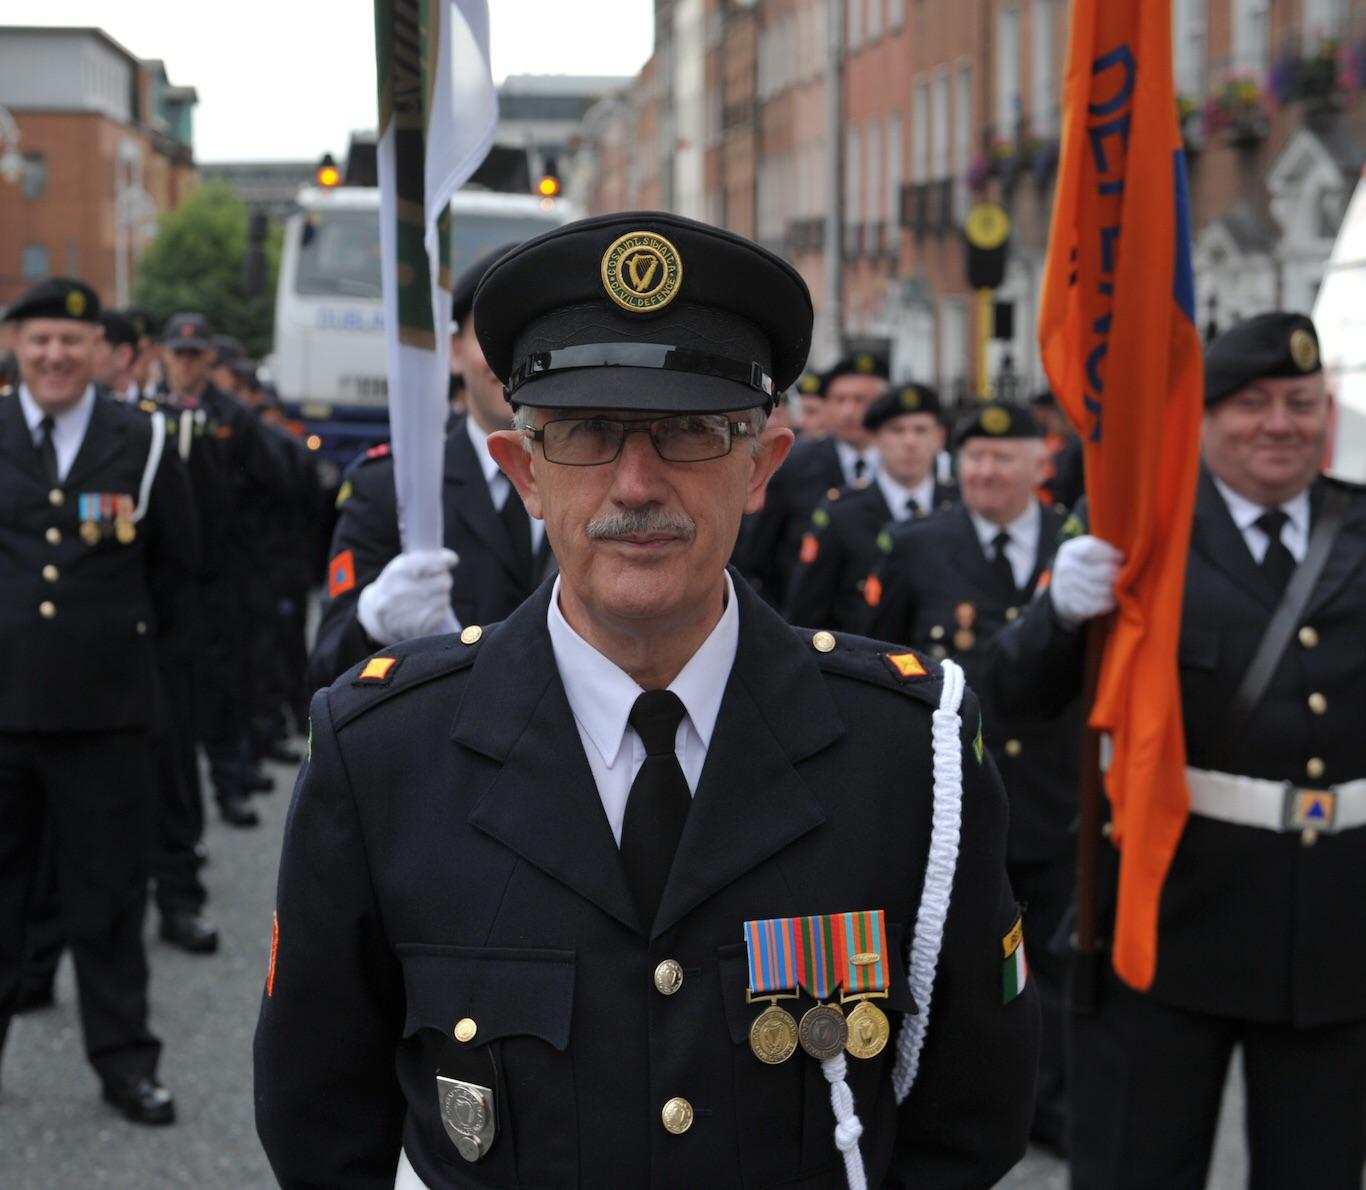 Commander Bligh